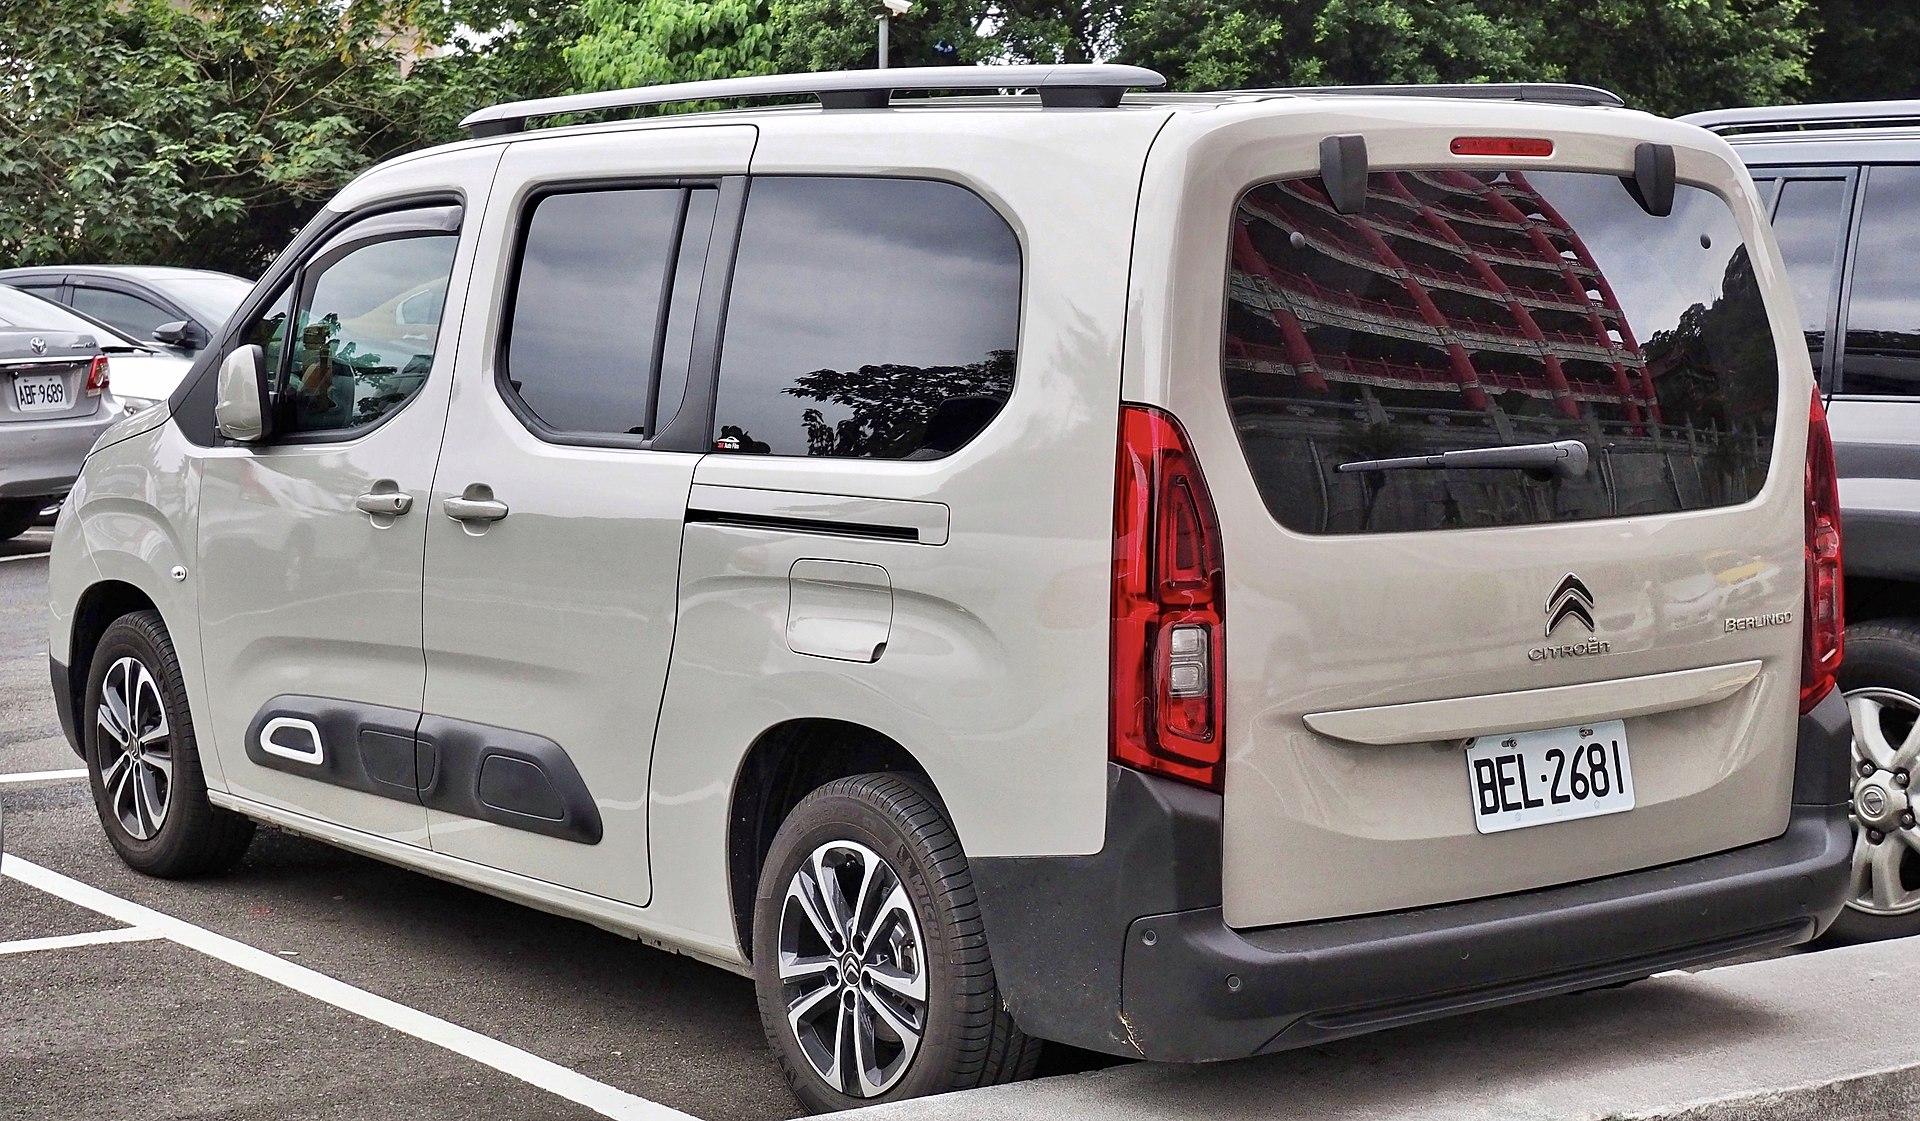 2021 - [Mercedes-Benz] EQT concept  1920px-2019_Citro%C3%ABn_Berlingo_XL_%28rear%29